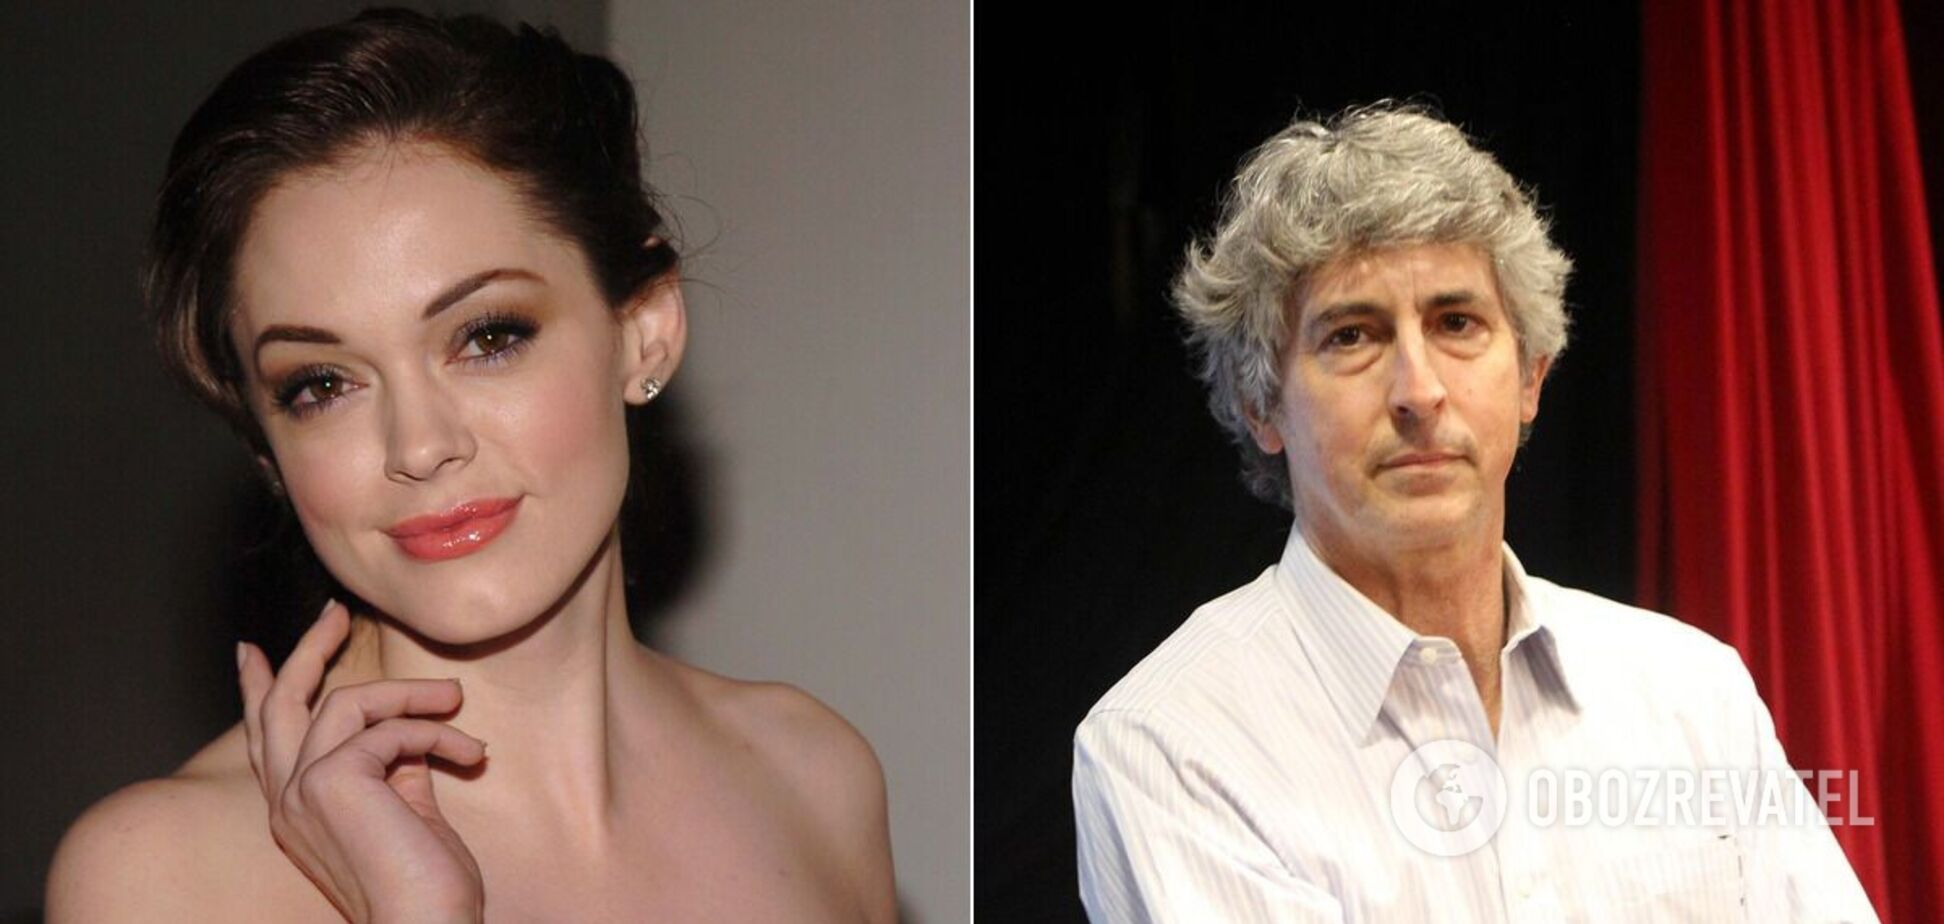 Роуз МакГоуэн обвинила режиссера Александра Пэйна в сексуальных домогательствах